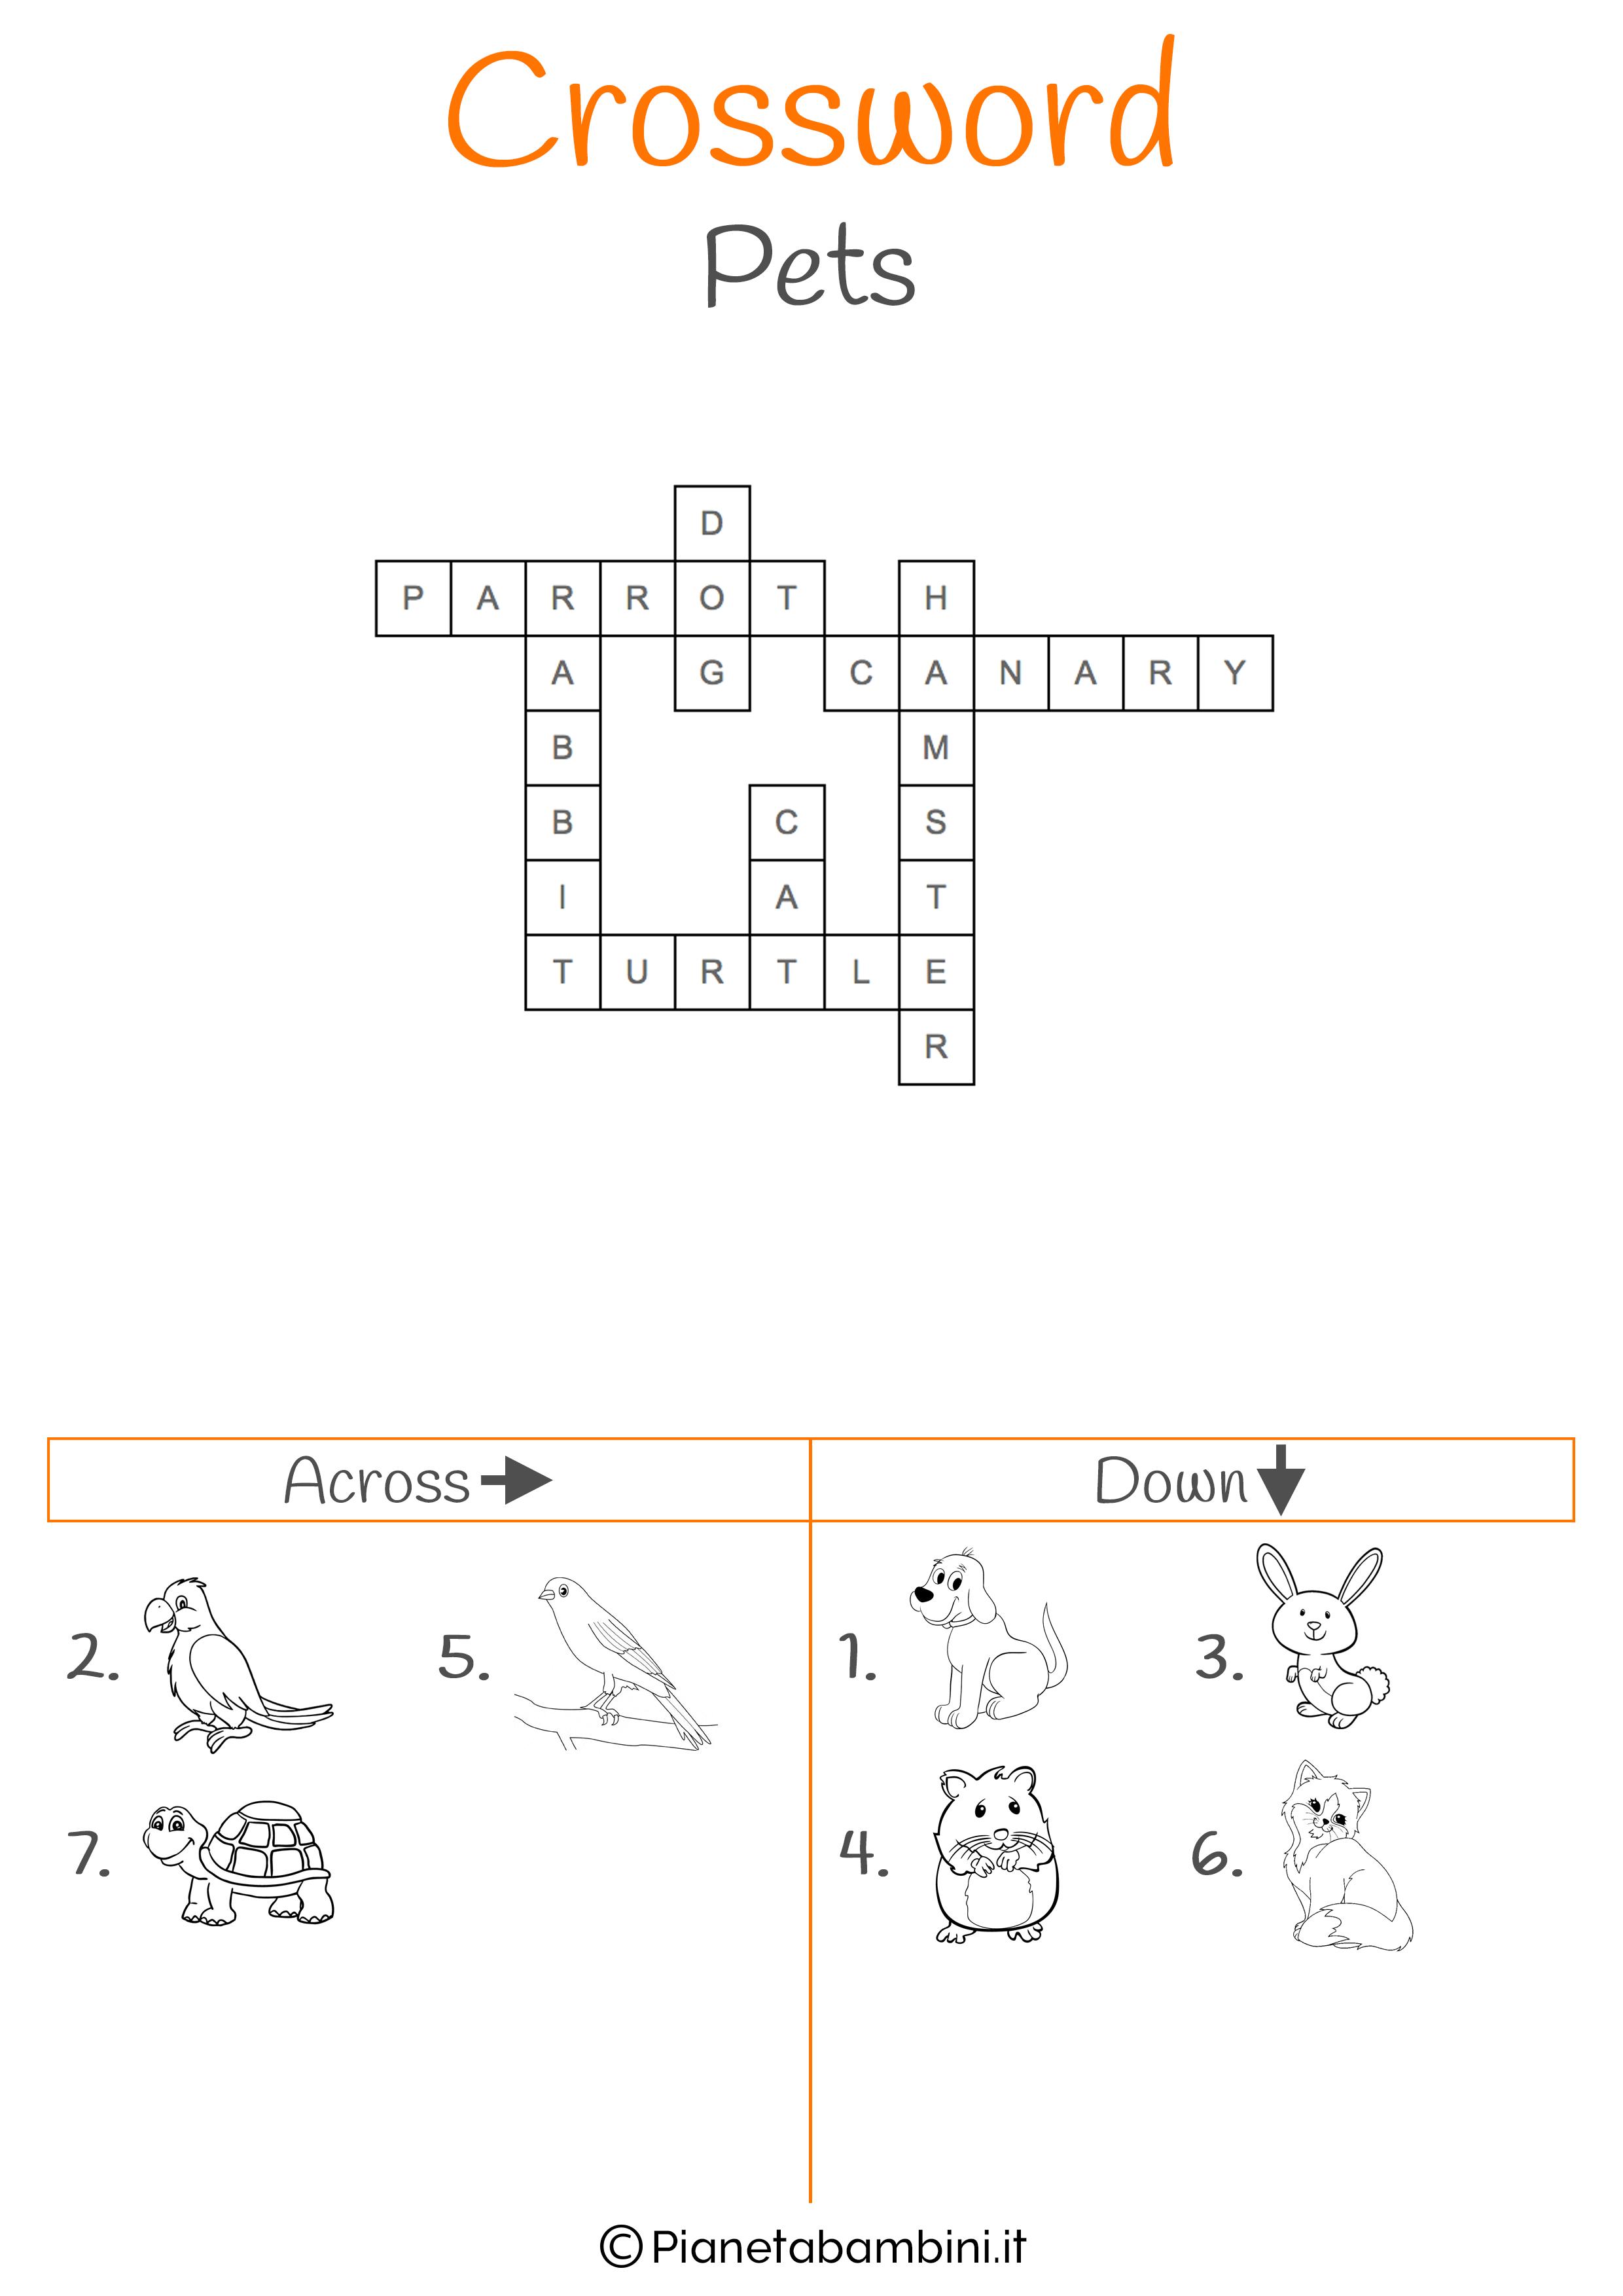 Soluzione al cruciverba in inglese sugli animali domestici